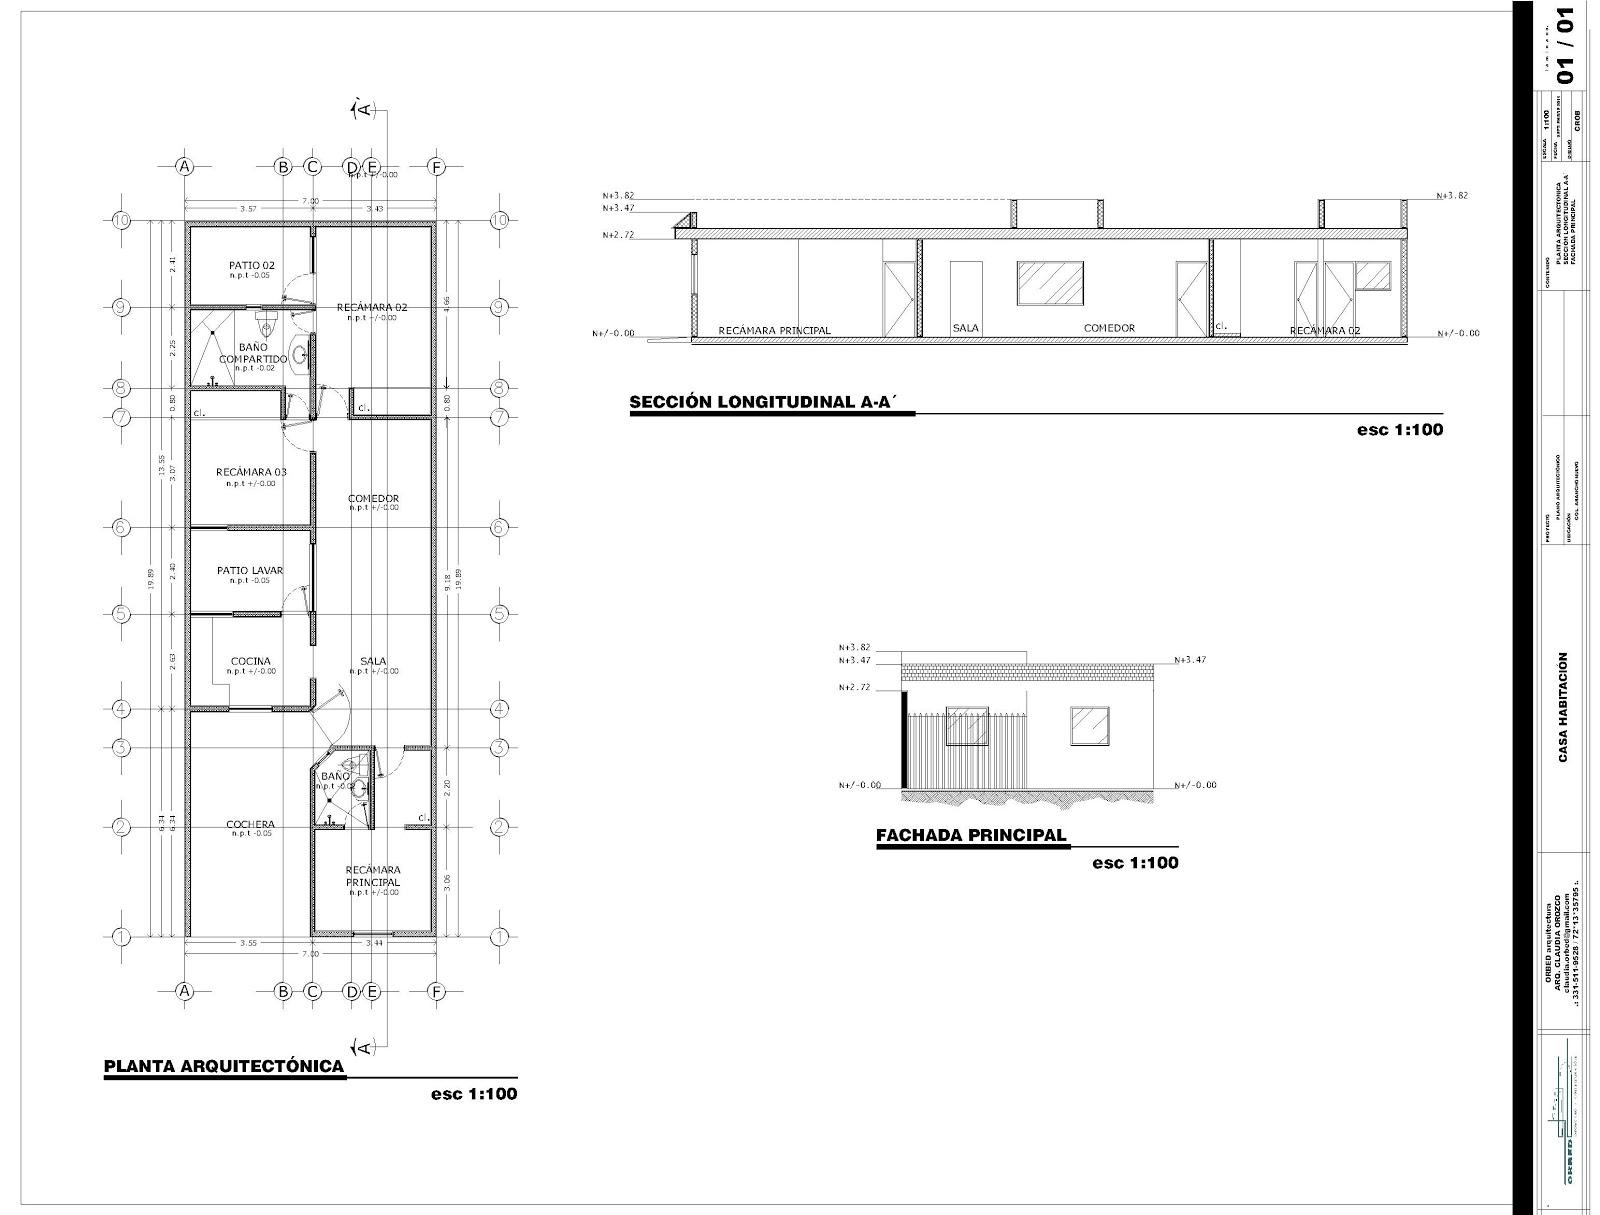 Orbed arquitectura construcci n casa habitaci n for Plano construccion casa